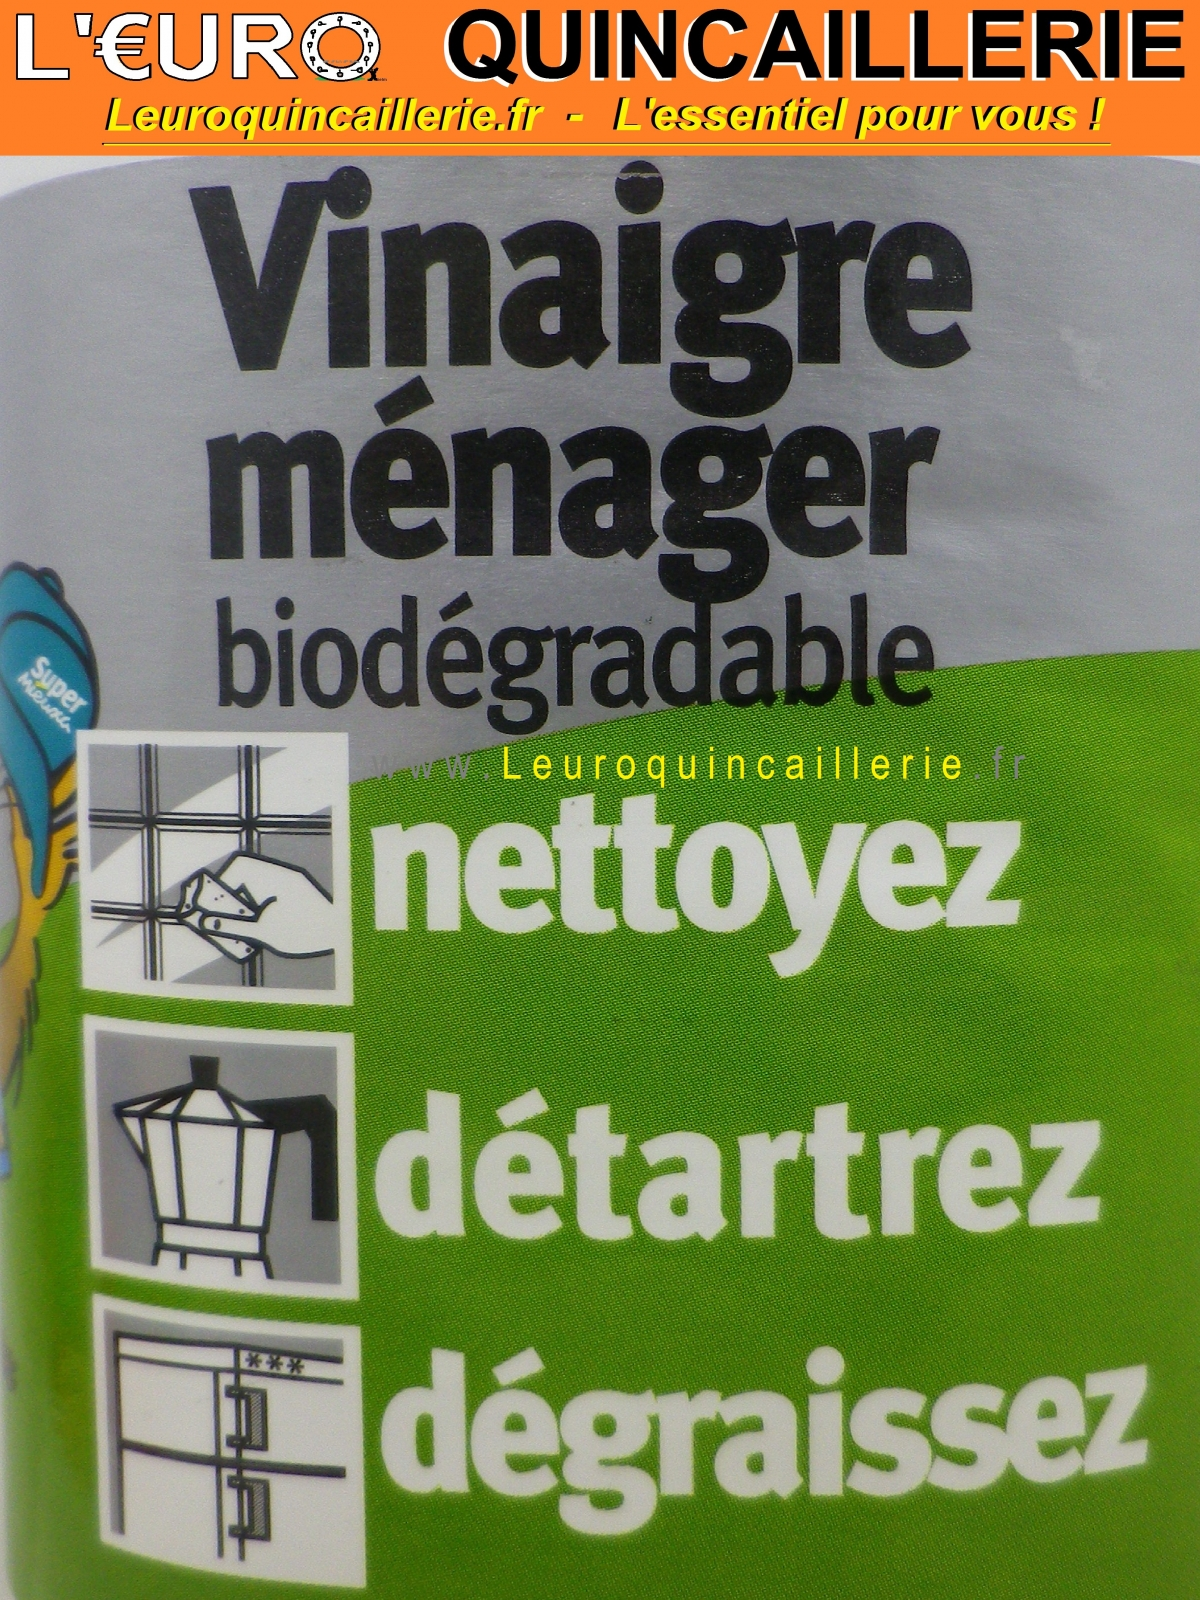 Vinaigre Ménager biodégradable